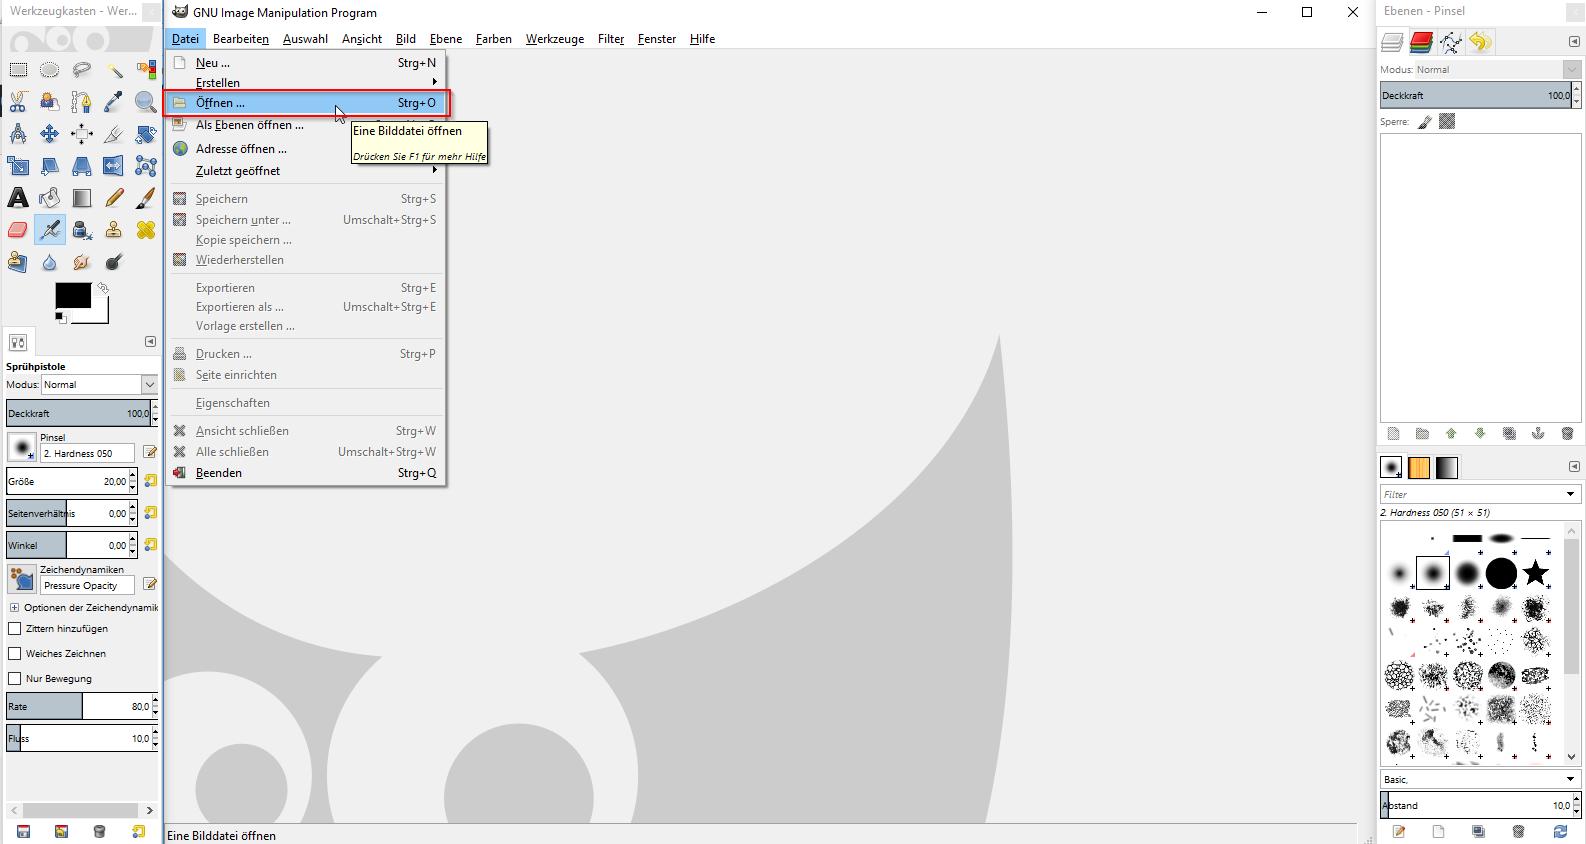 Bild in GIMP öffnen und komprimieren